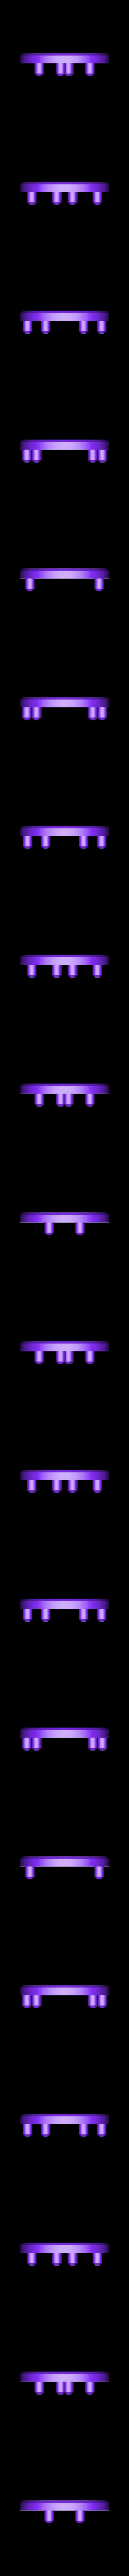 Lidv3.stl Télécharger fichier STL gratuit Propeller launcher • Design à imprimer en 3D, BEEVERYCREATIVE